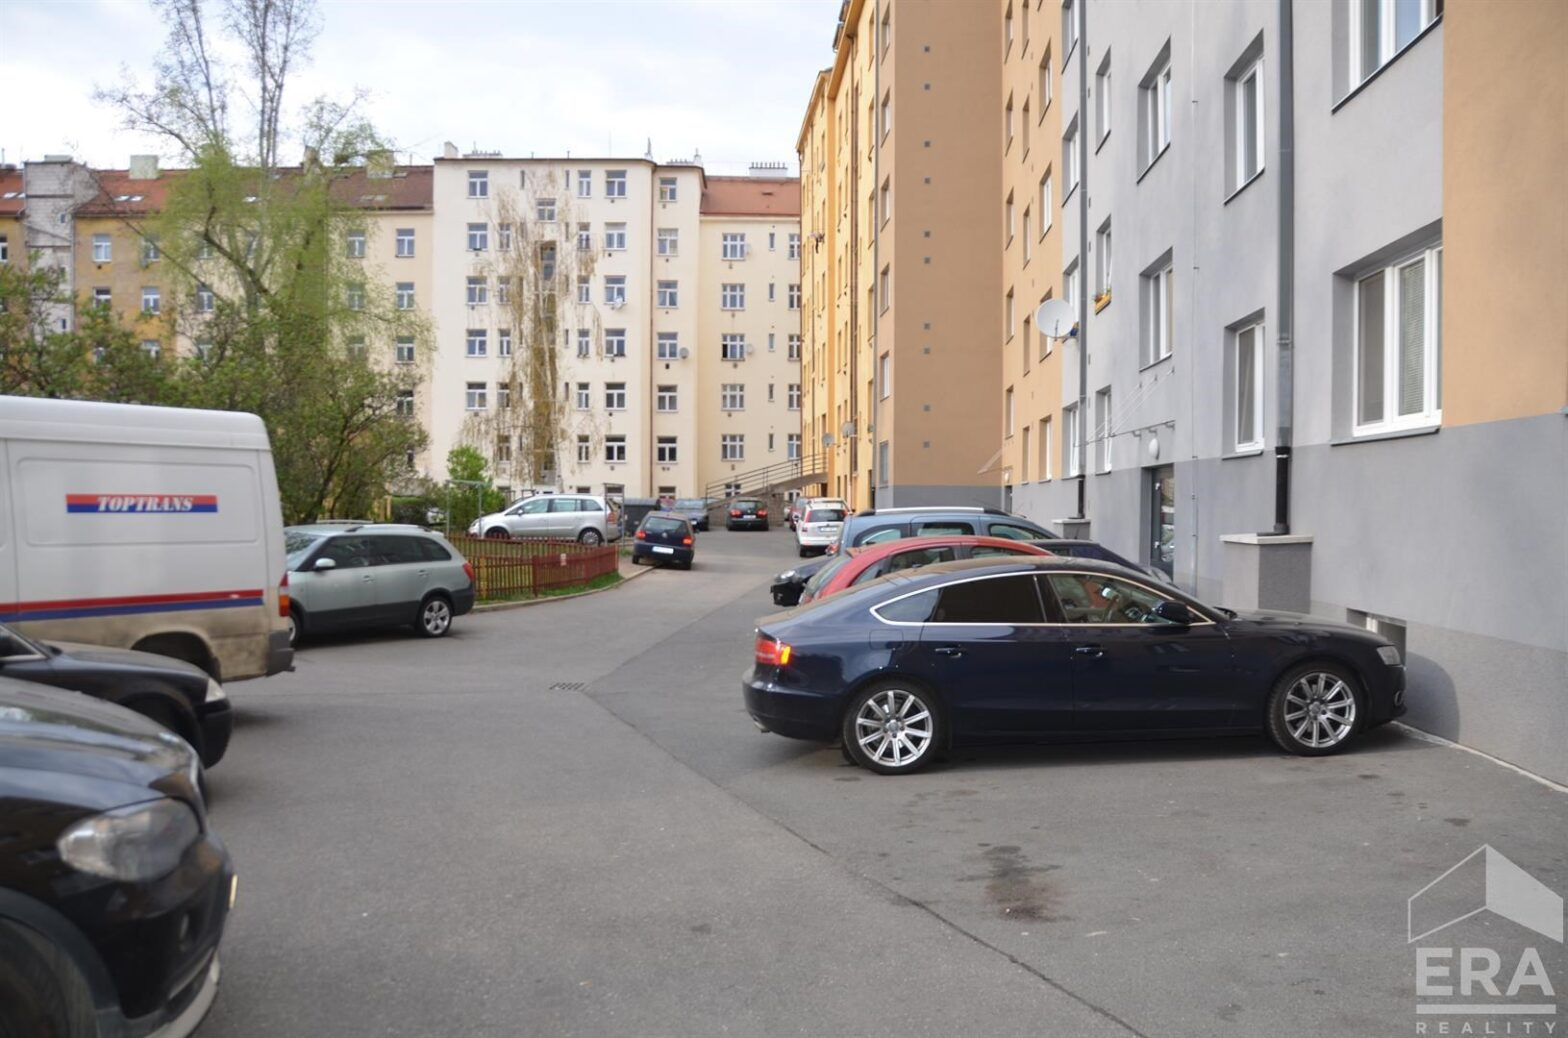 Exklusivní nabídka prostorného bytu 3+kk, 73 m2+B 2 m2 ve Vršovicích  ul.Na Louži                                                                                          Cena:  5 750 000 Kč